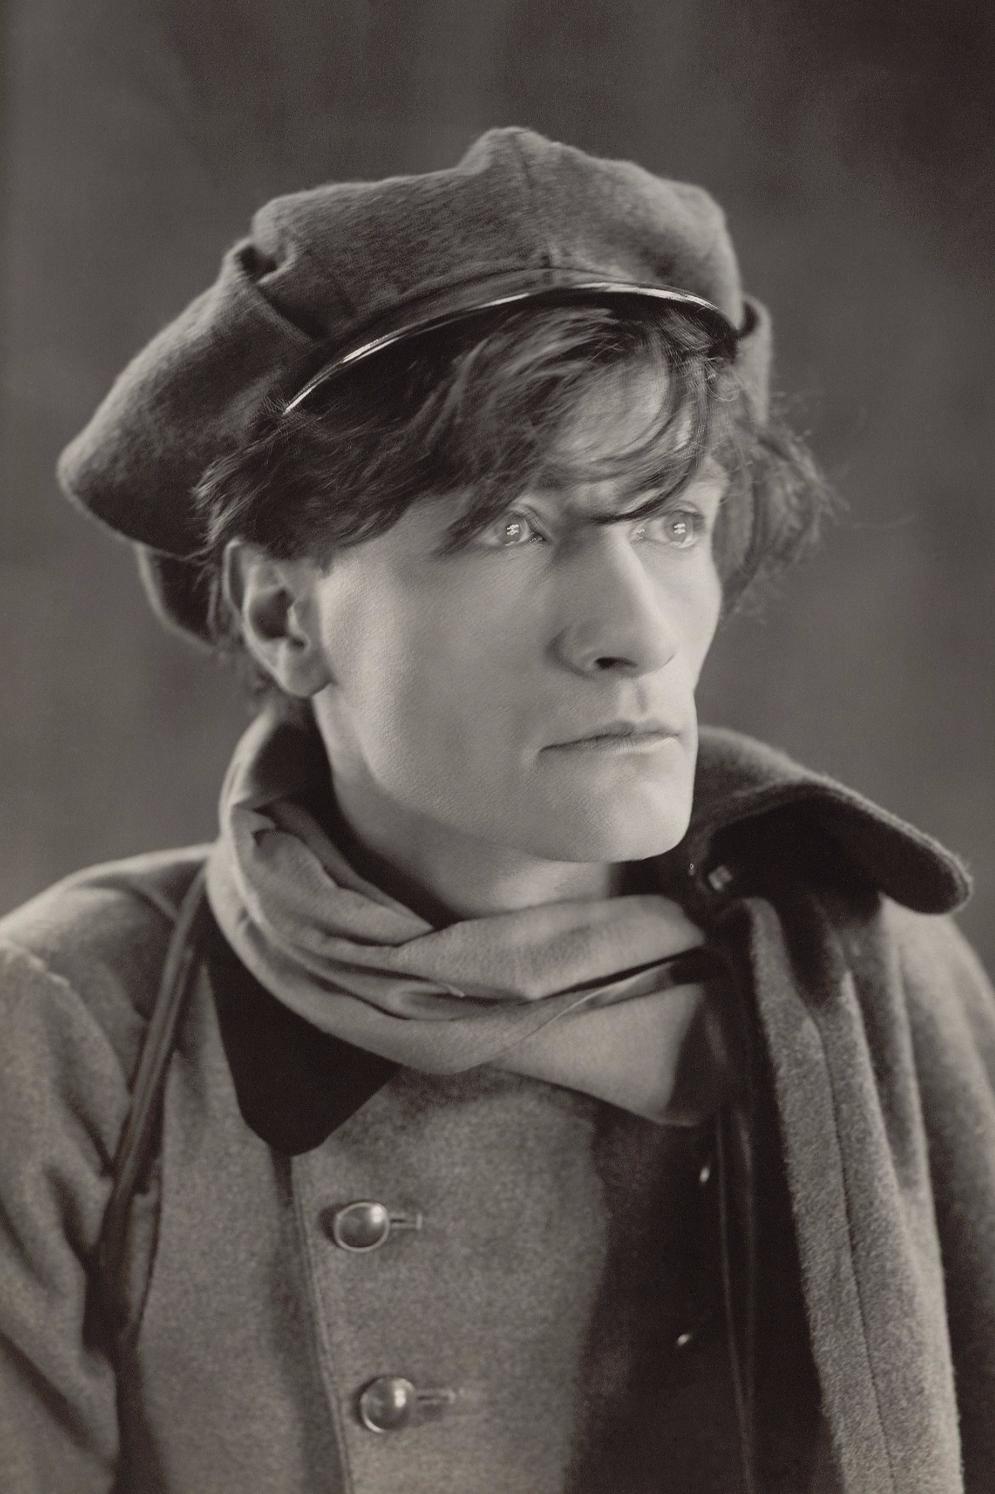 Antonin_Artaud_1926_edited